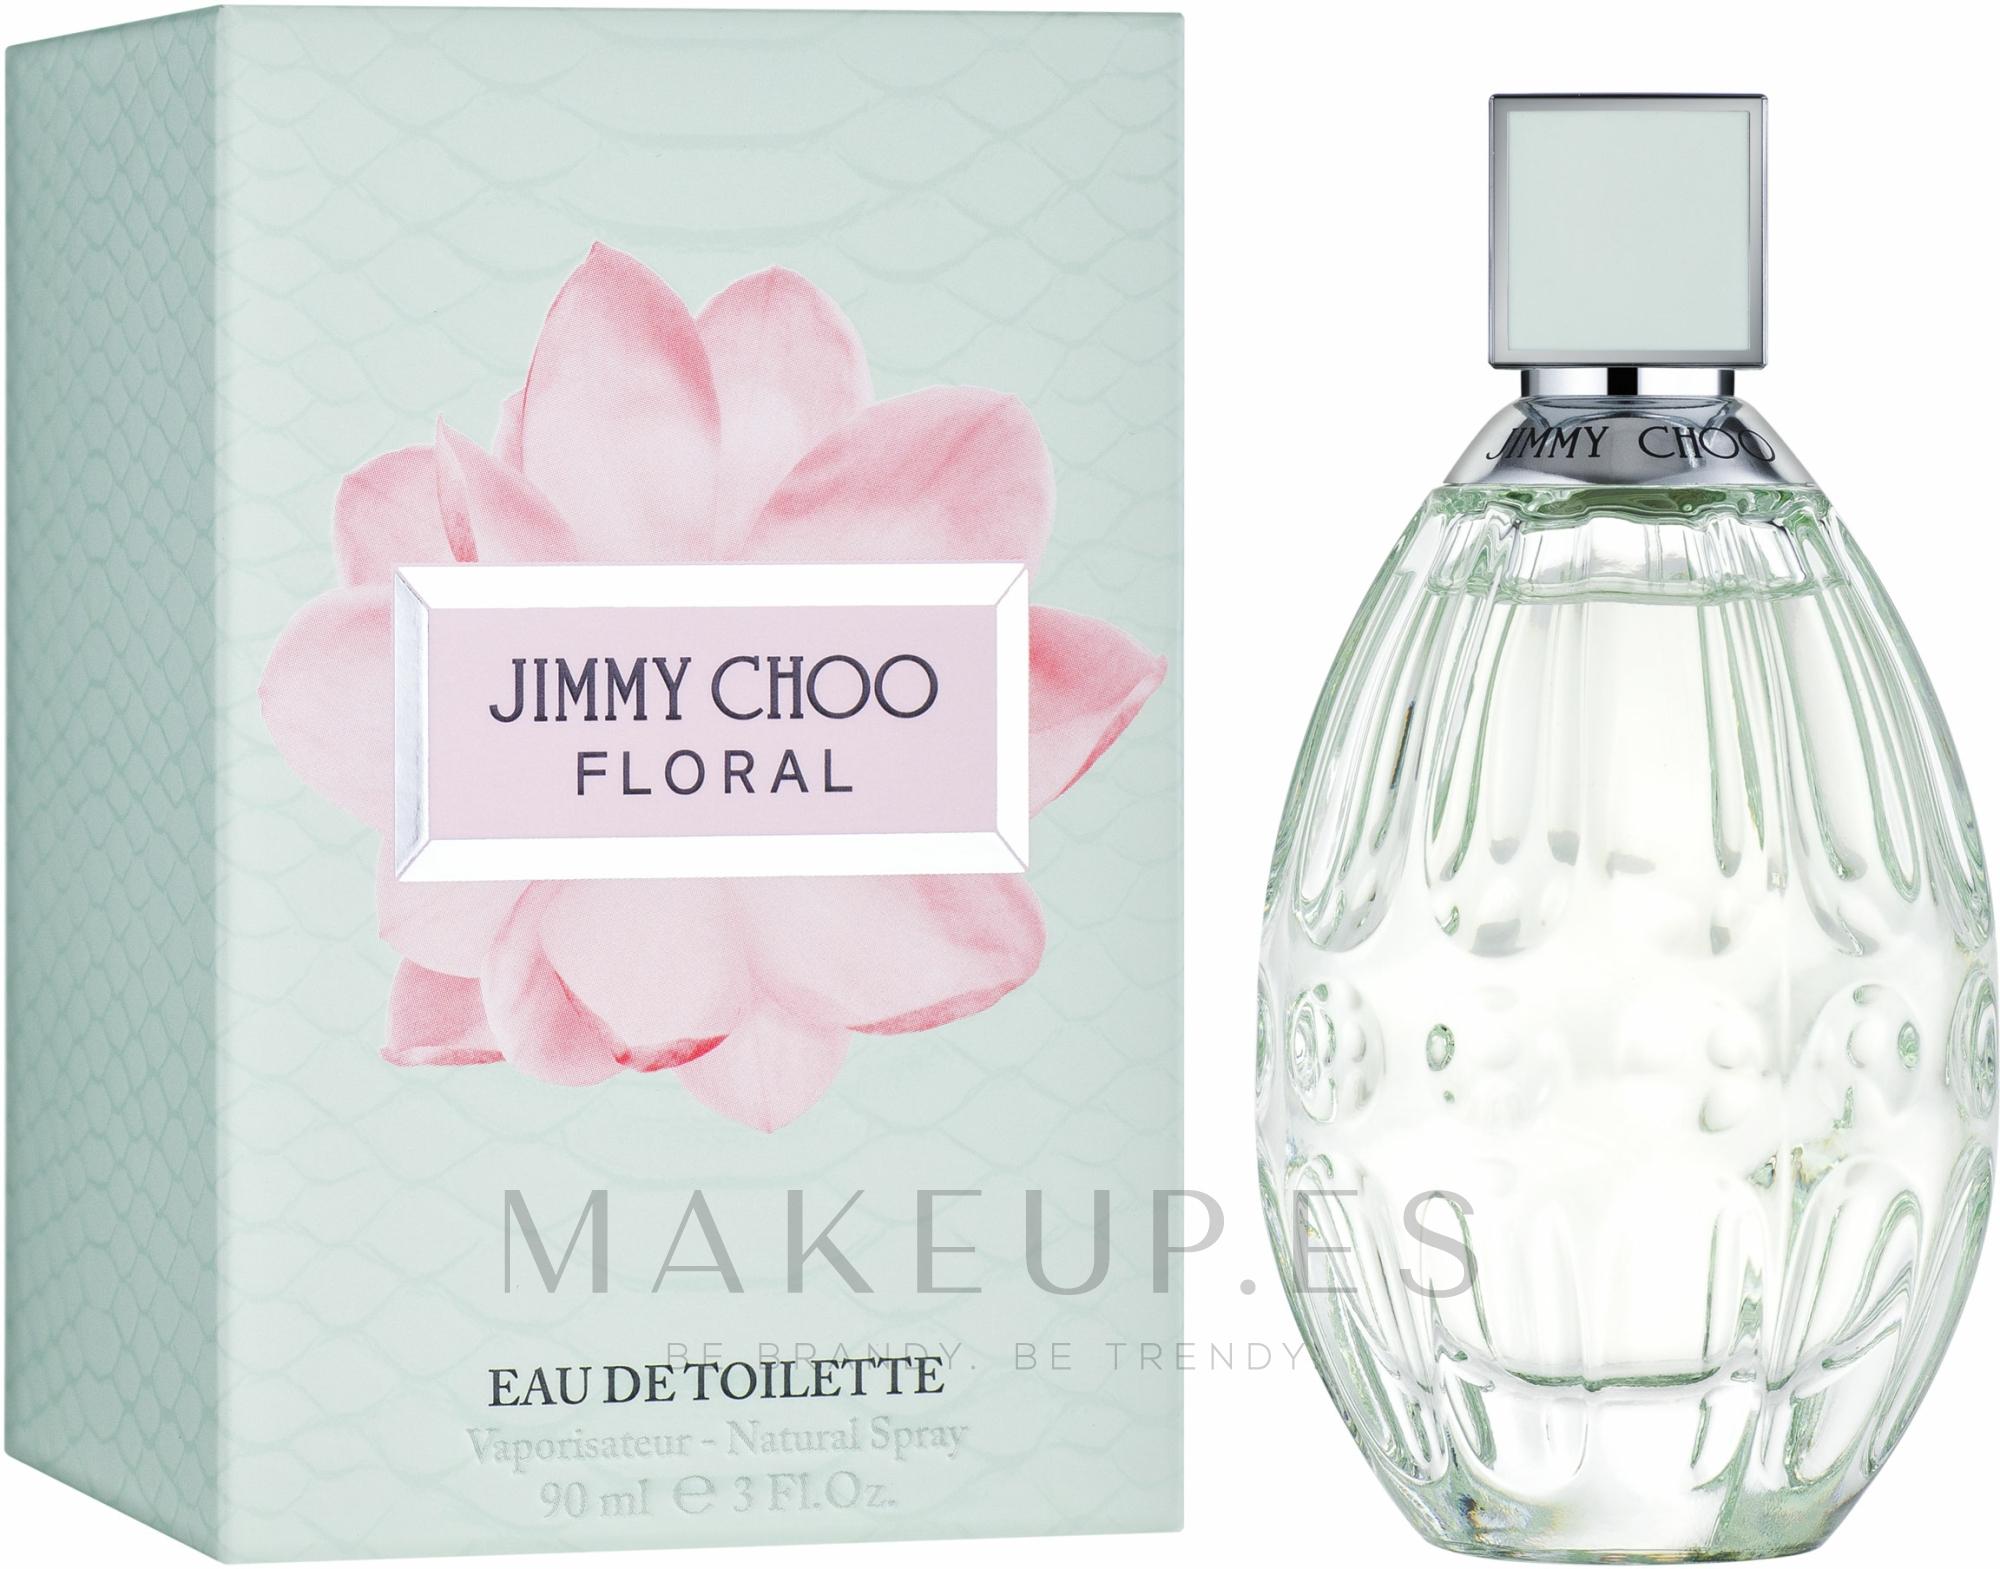 Jimmy Choo Floral - Eau de toilette — imagen 90 ml